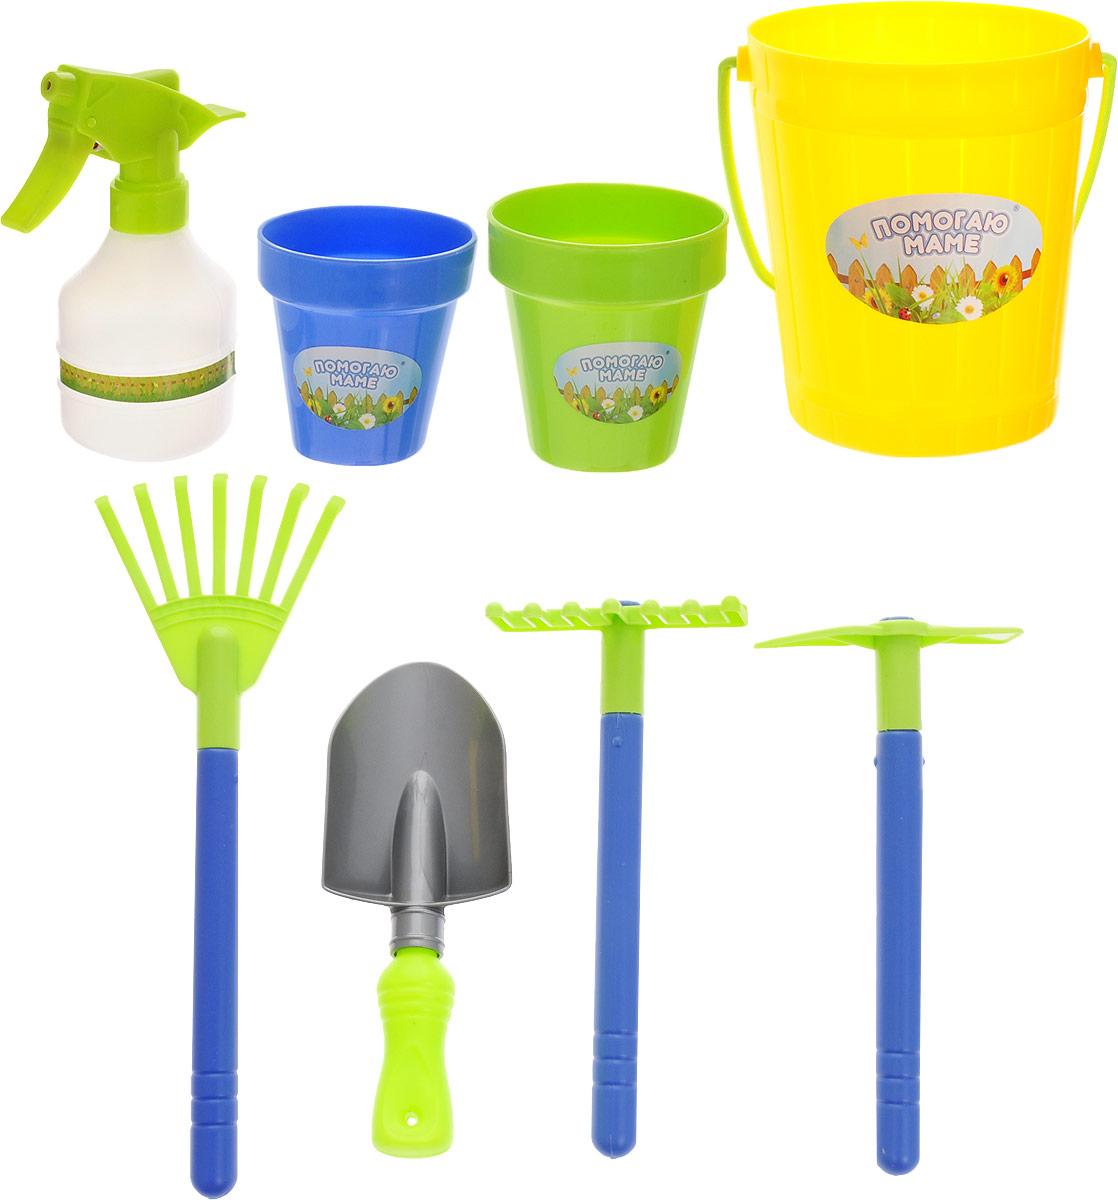 Abtoys Набор для юного садовода Помогаю Маме цвет желтый 8 предметов PT-00603_желтое ведерко